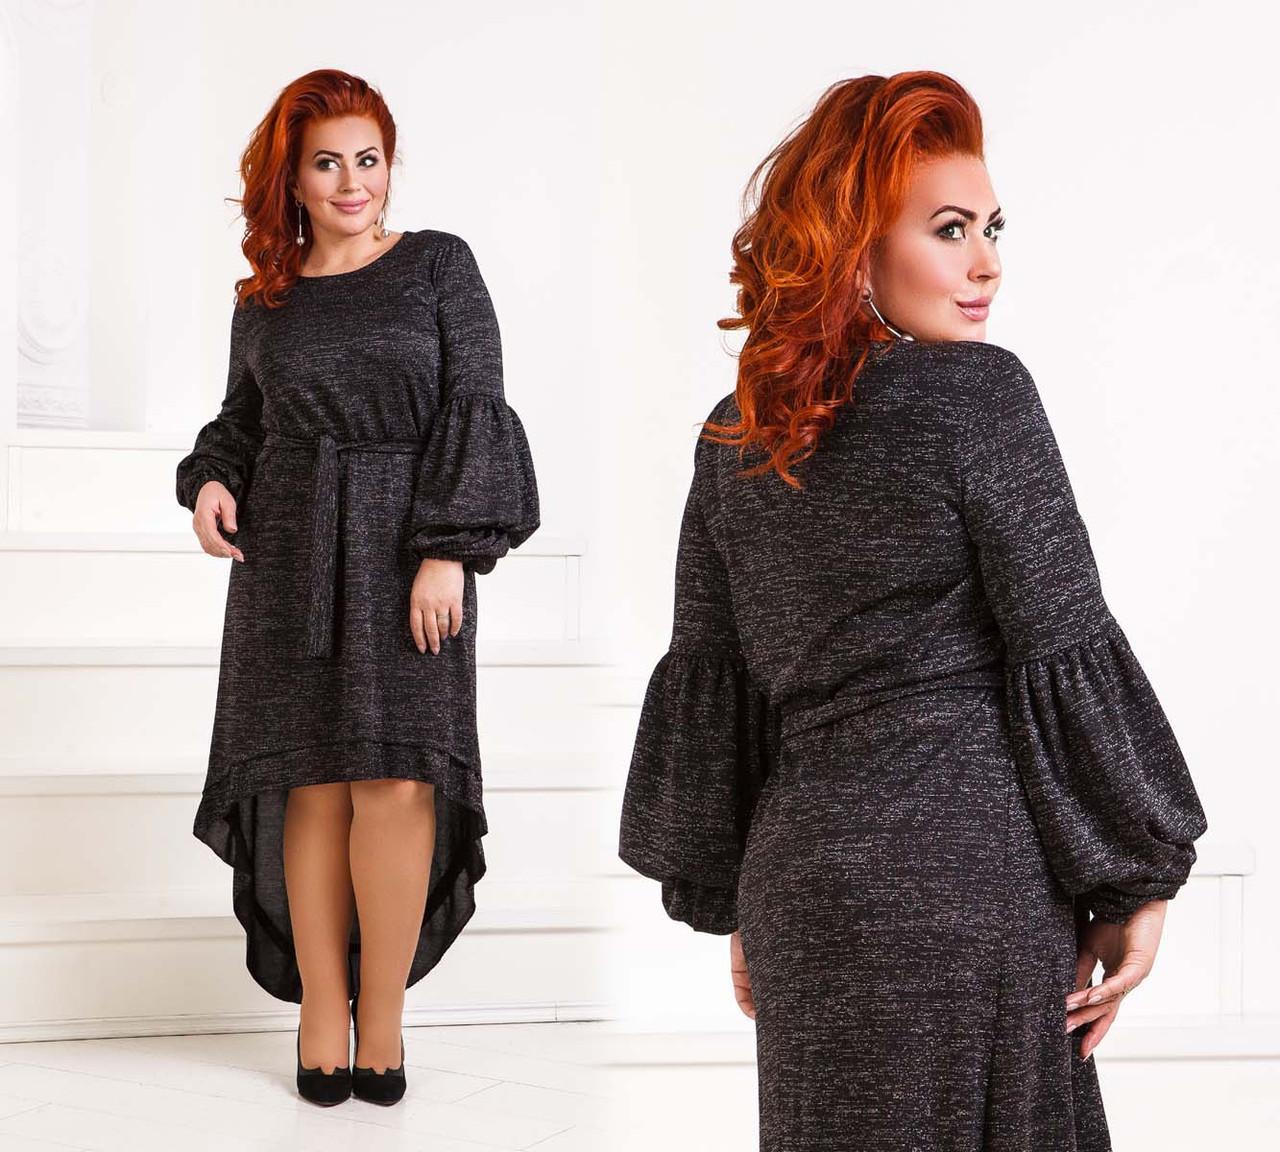 """Стильное нарядное женское платье в больших размерах """"Люрекс Шлейф Рюши"""" в расцветках (DG-ат41202)"""